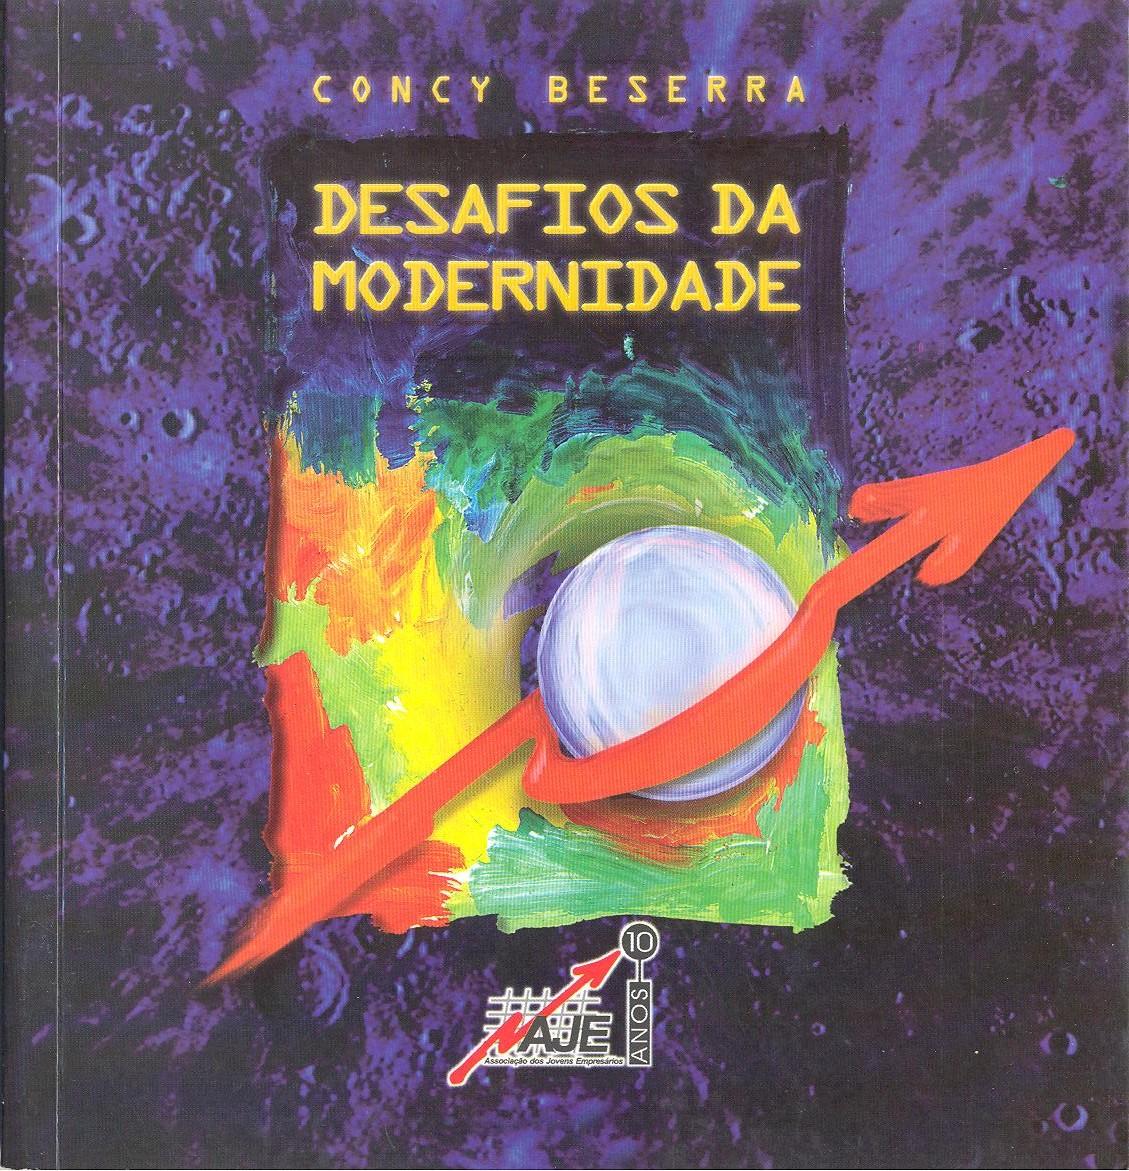 Livro comemorativo dos 10 Anos da AJE Fortaleza